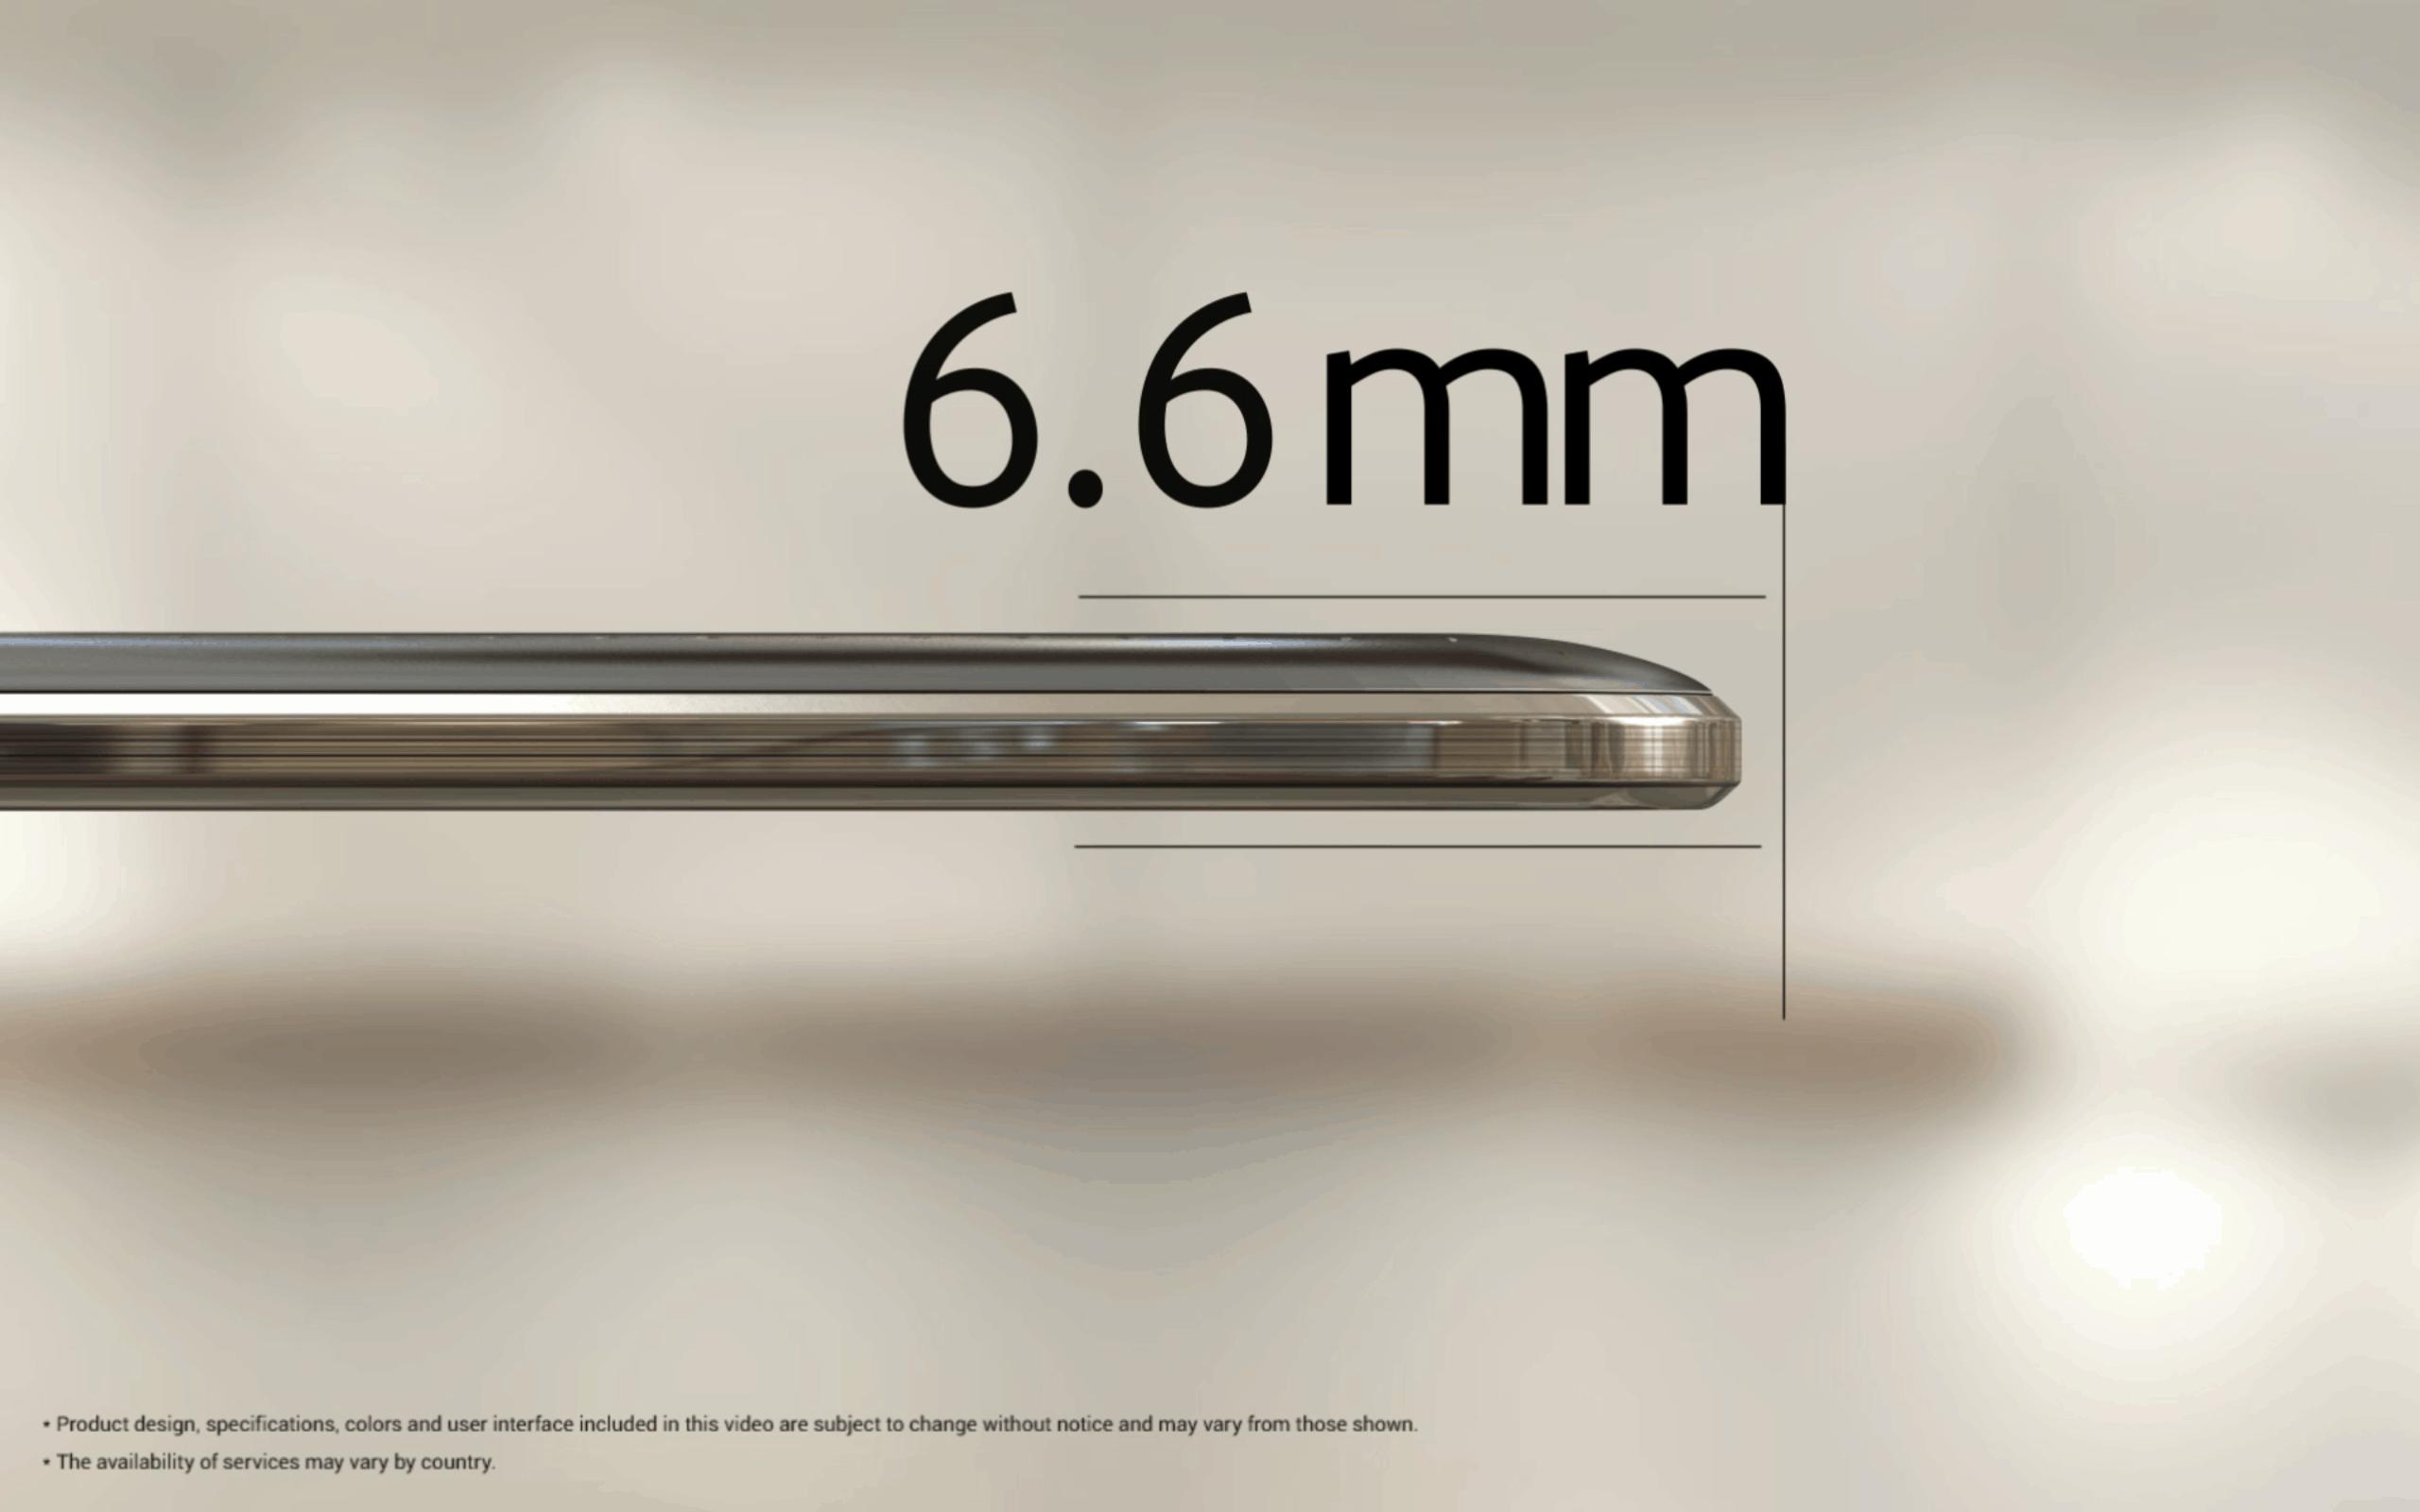 Galaxy Tab S 08